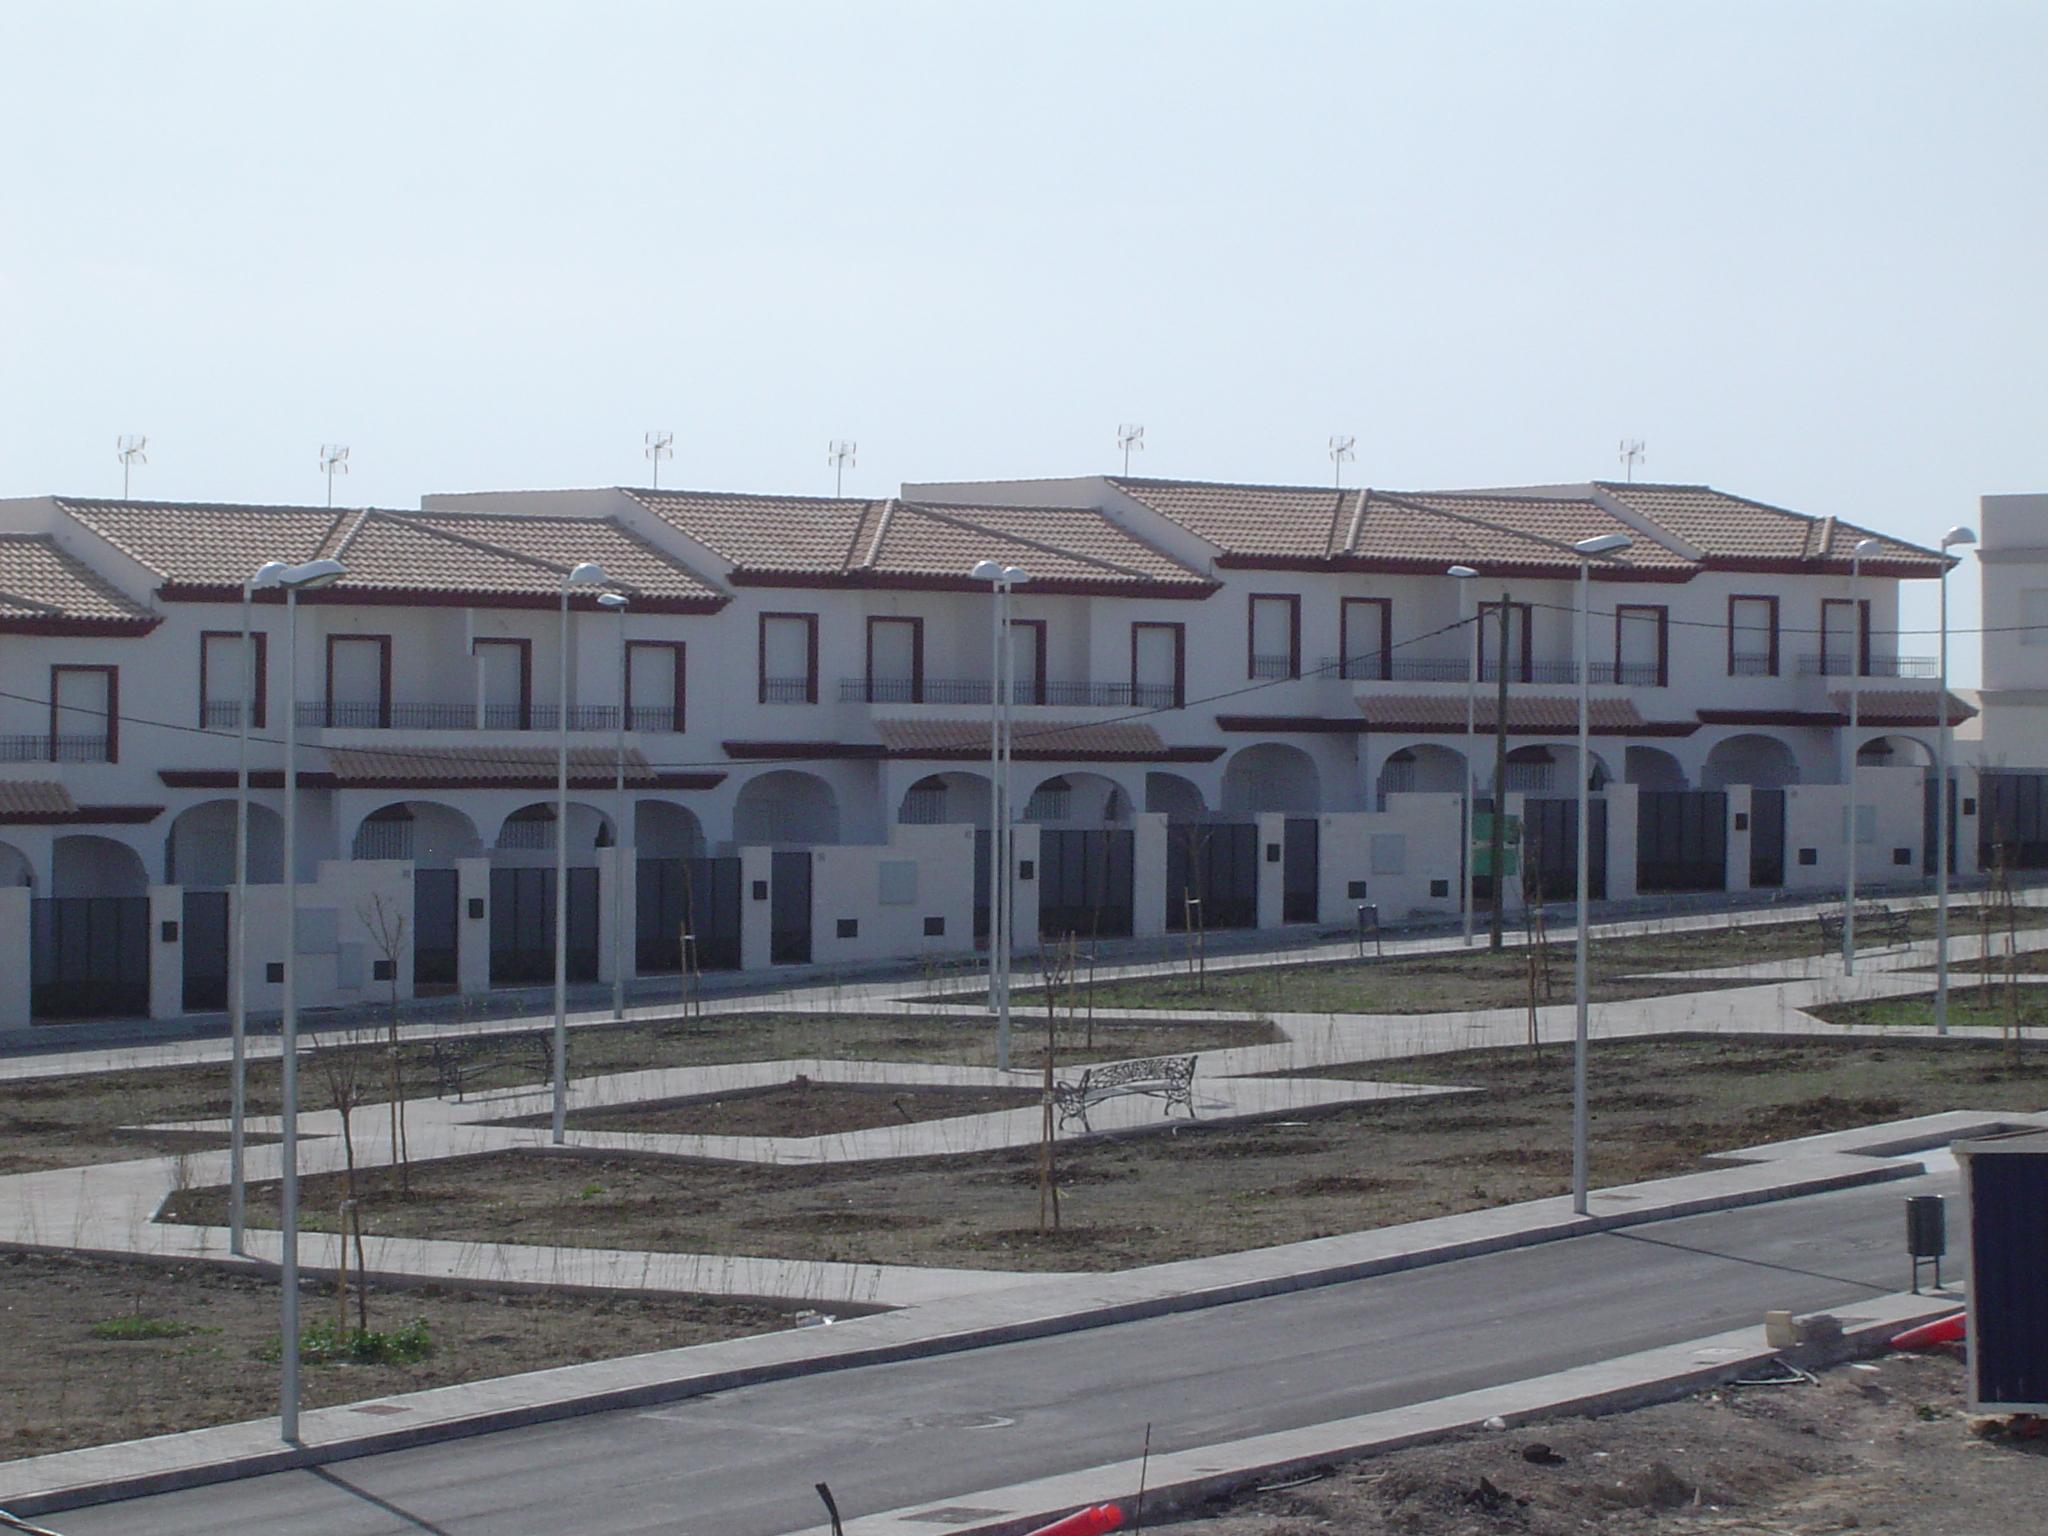 Construcci n de 23 viviendas unifamiliares adosadas libres - Construccion viviendas unifamiliares ...